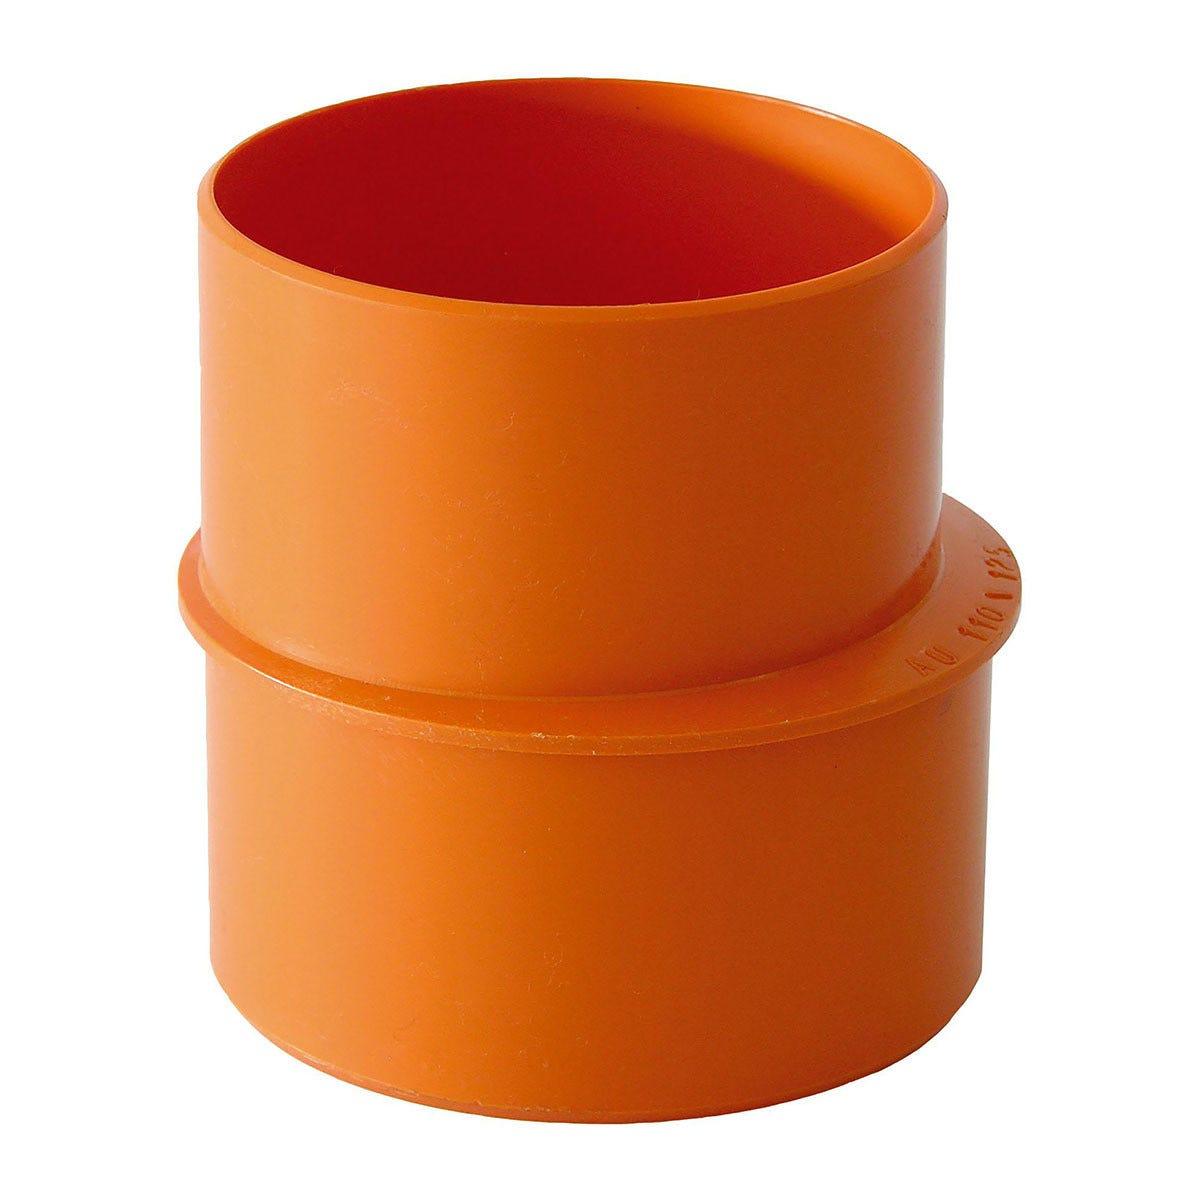 aumento Ø 63x125 mm pvc arancio